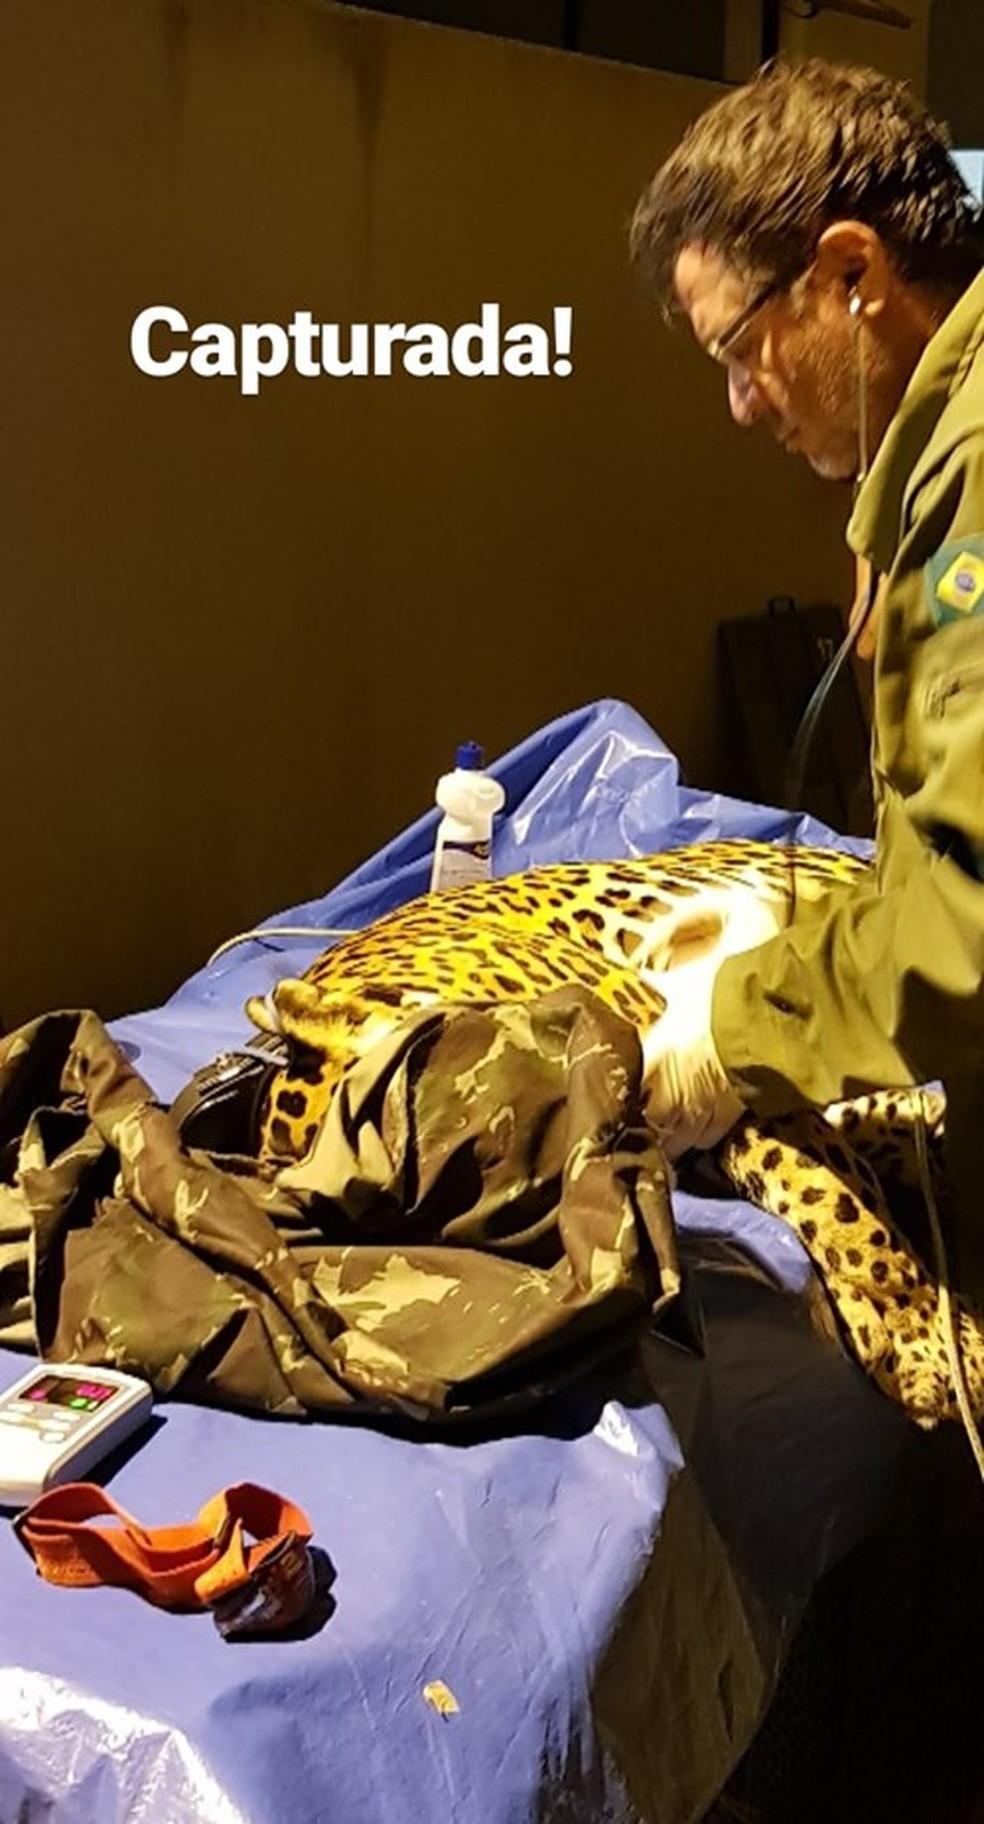 Onça-pintada foi capturada na noite de domingo (12) no Jardim Botânico, em Juiz de Fora — Foto: Reprodução/Facebook